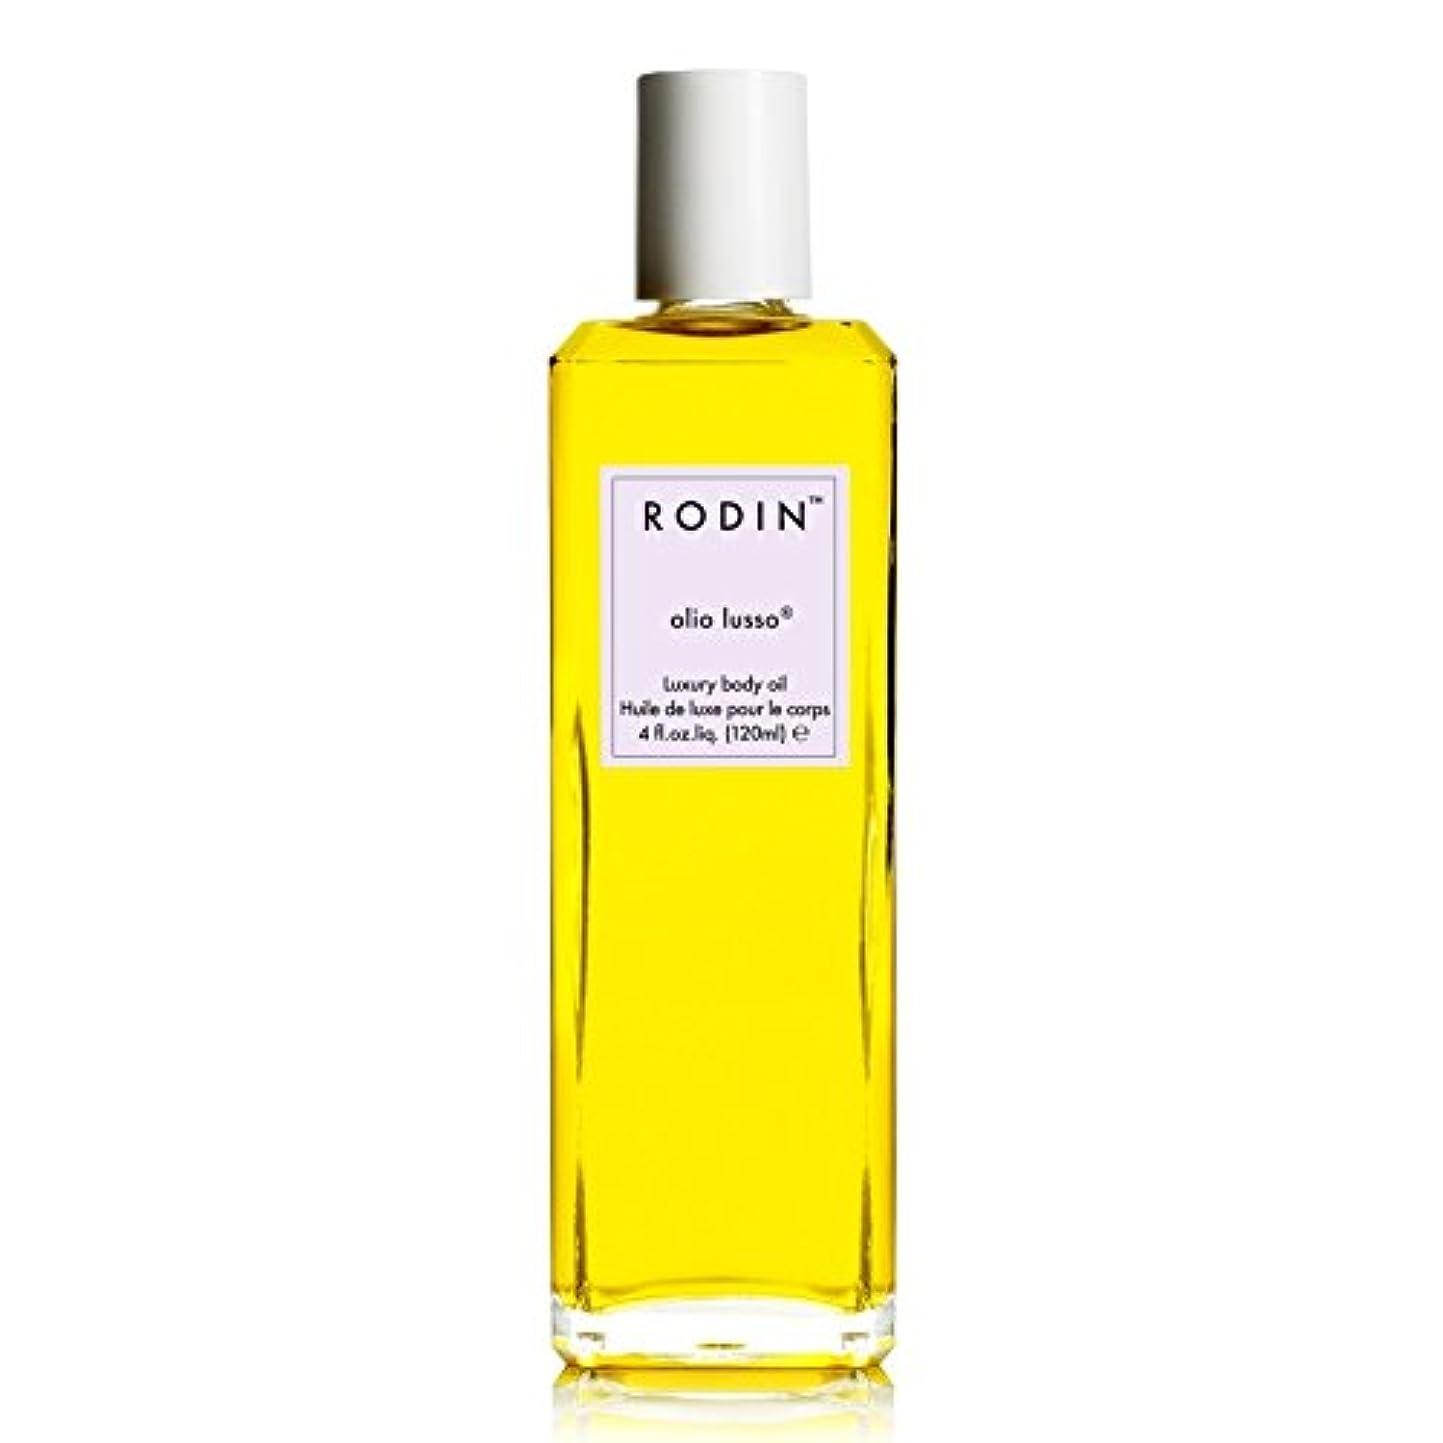 ブラウス原点博物館RODIN olio lusso Lavender Absolute Luxury Body Oil 30ml - ロダンルッソラベンダー絶対贅沢なボディオイル30ミリリットル [並行輸入品]